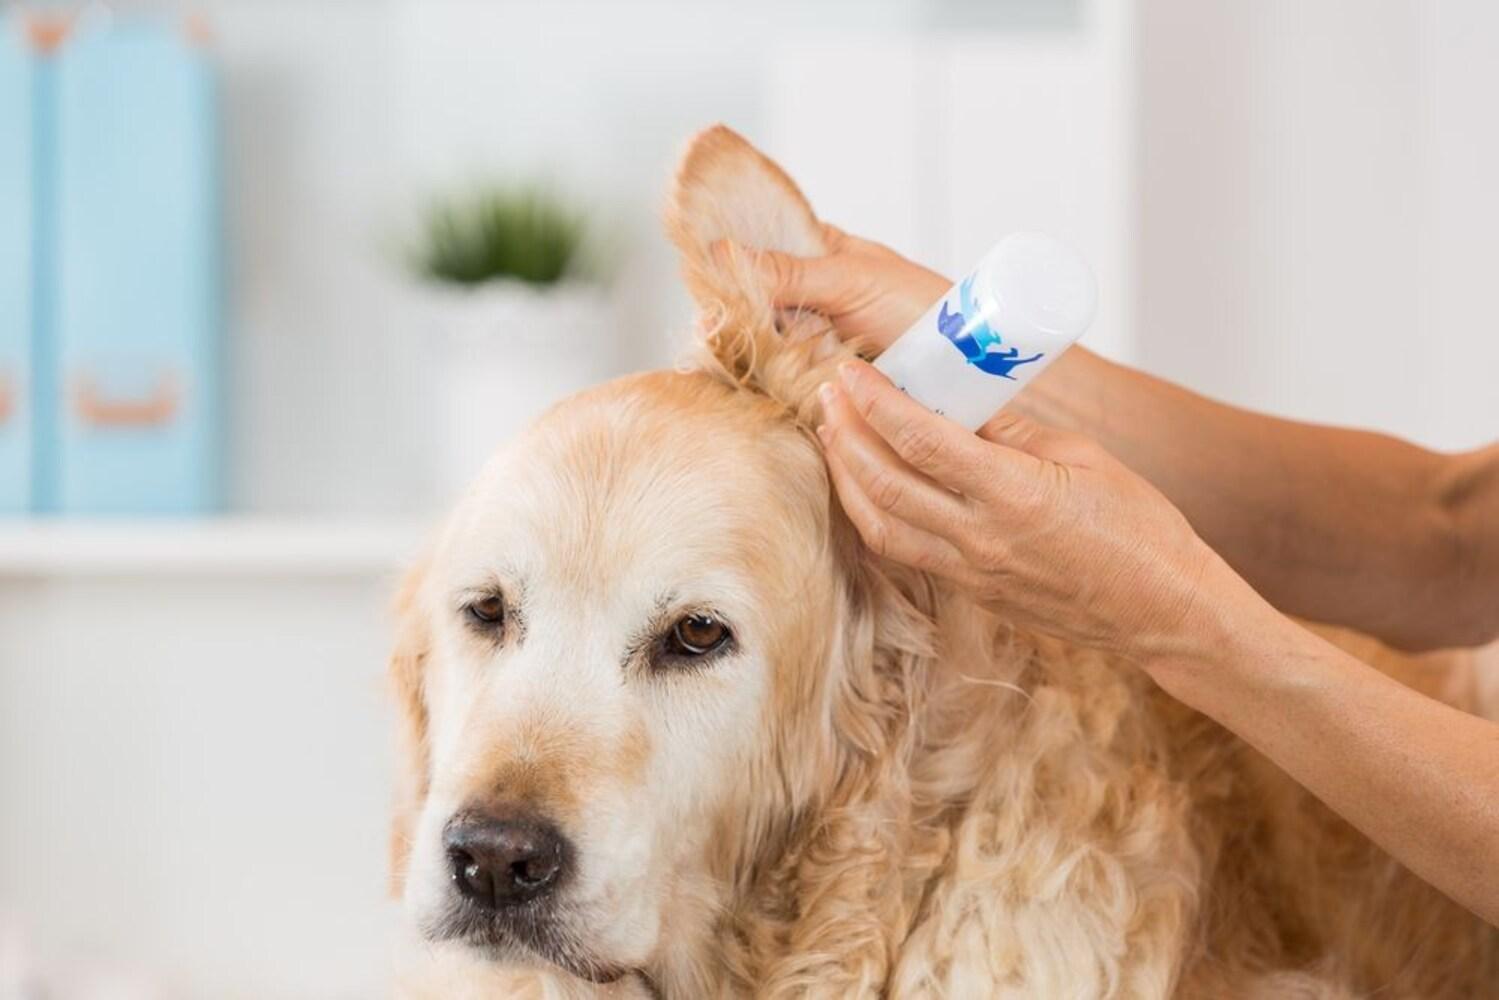 犬 耳 掃除 犬の耳掃除の正しいやり方!頻度や洗浄方法、嫌がるときの対処法から...